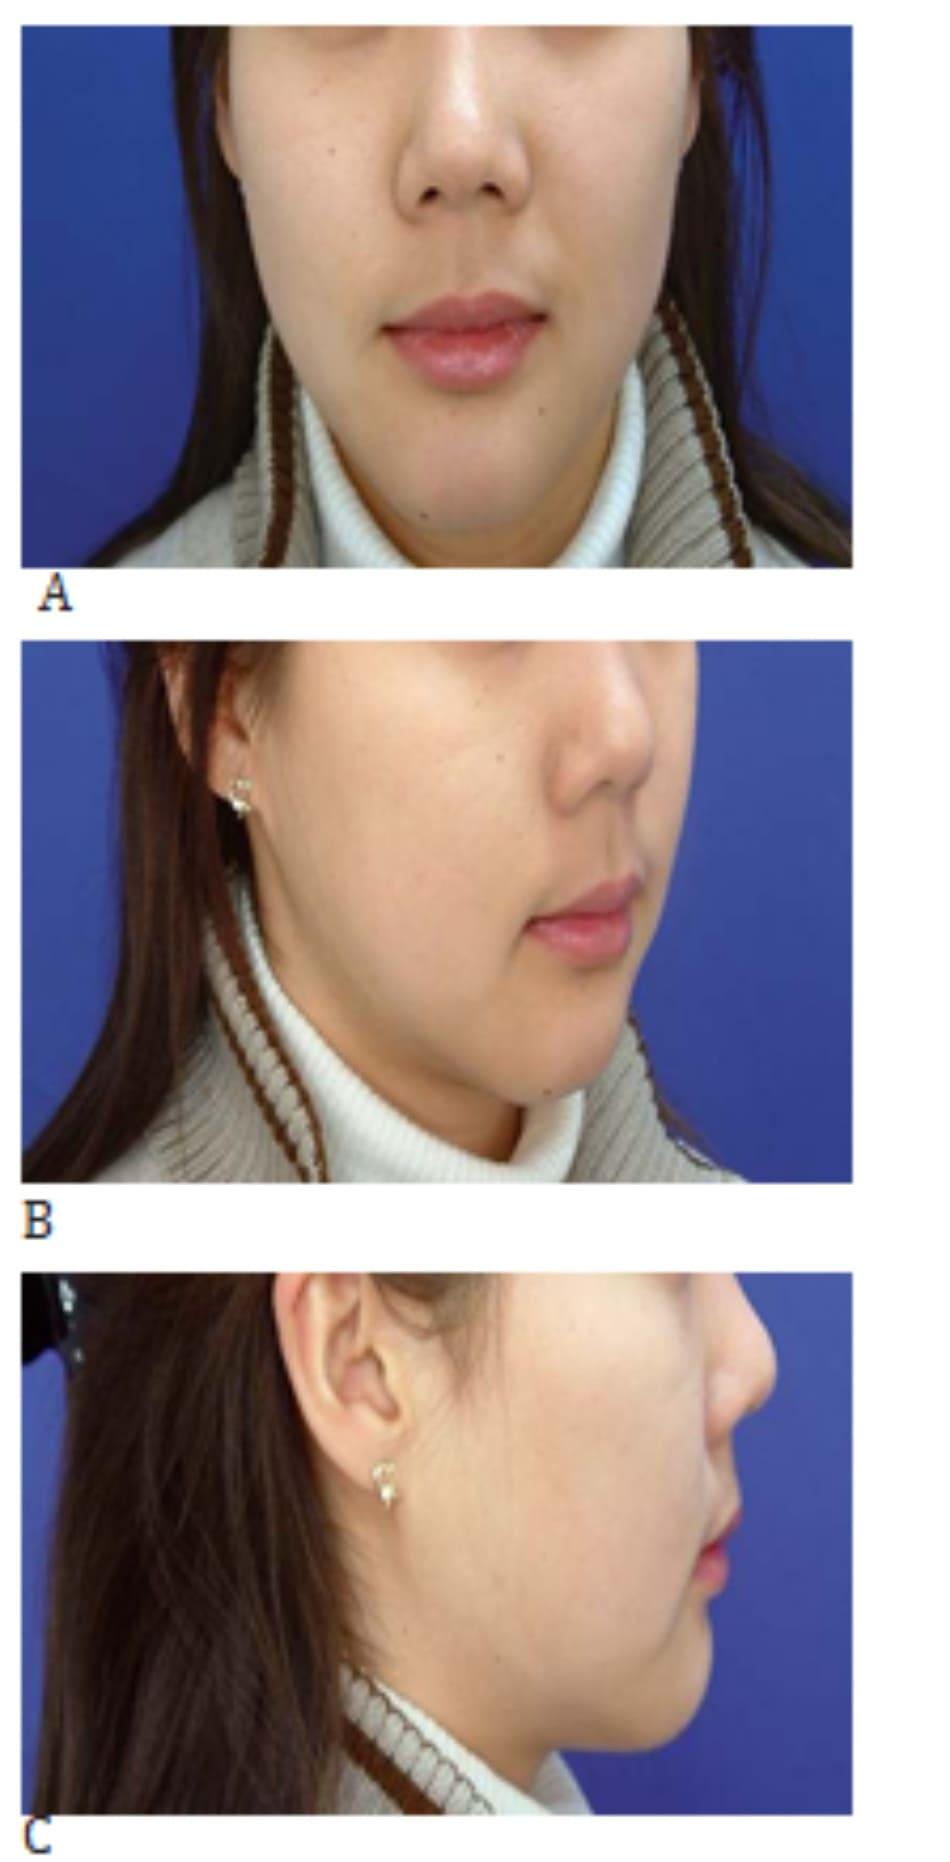 Hình 37-5 A đến C, cận cảnh khuôn mặt sau phẫu thuật nâng cằm (nâng 4 mm)